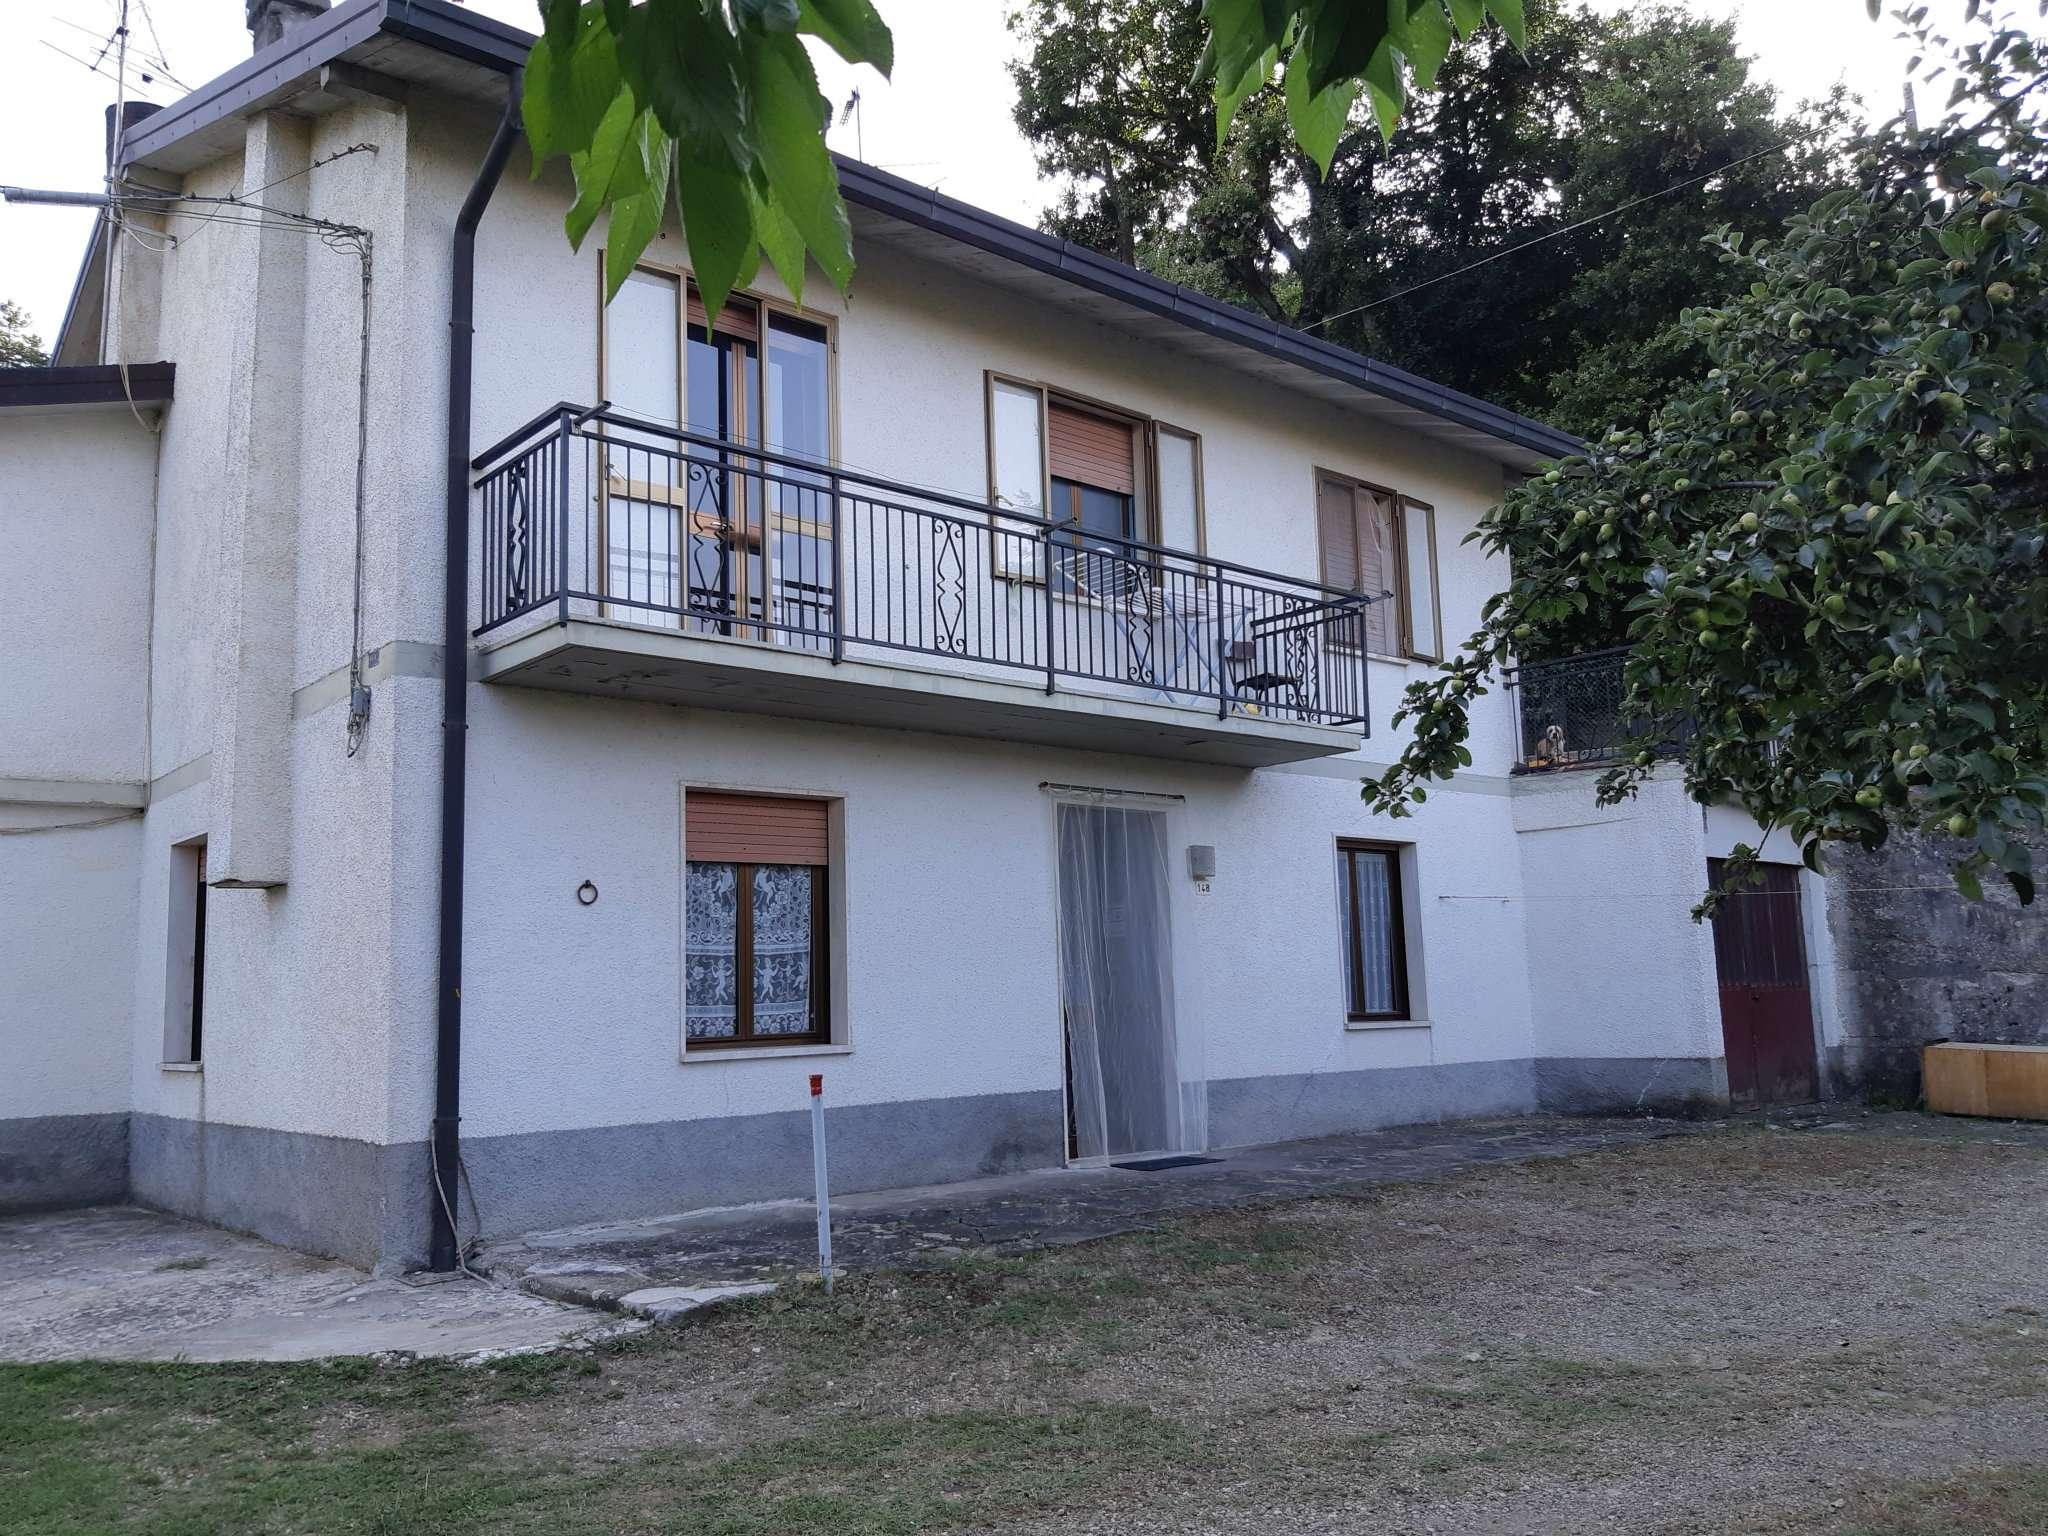 Appartamento in vendita a Camugnano, 6 locali, prezzo € 65.000 | PortaleAgenzieImmobiliari.it